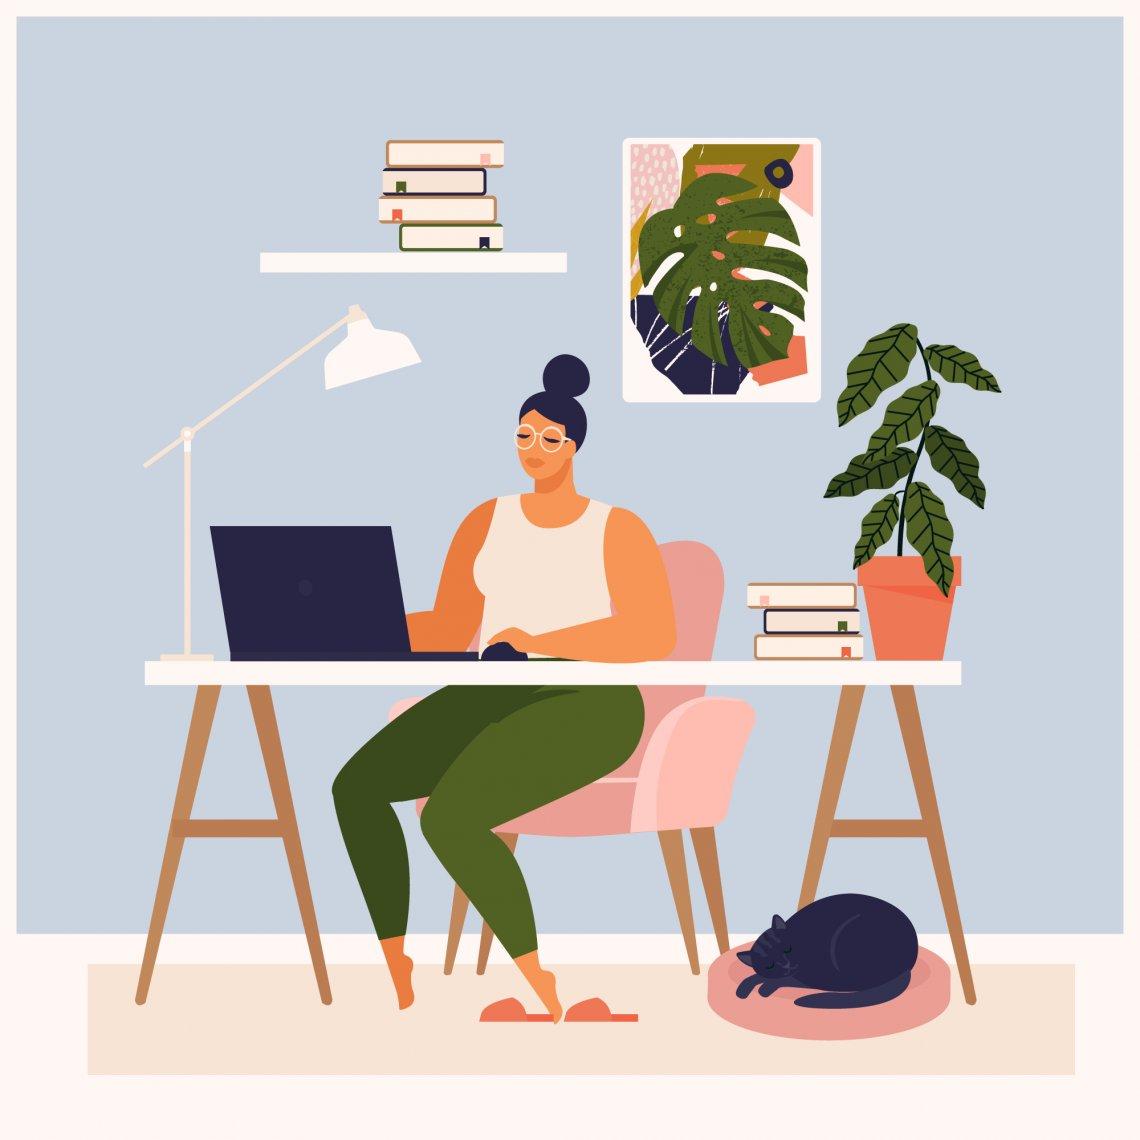 Nemůžu si užít pondělí, když vím, že všichni mají ve stories napsáno, že první den pracovního týdne zvládnou jen s kávou.